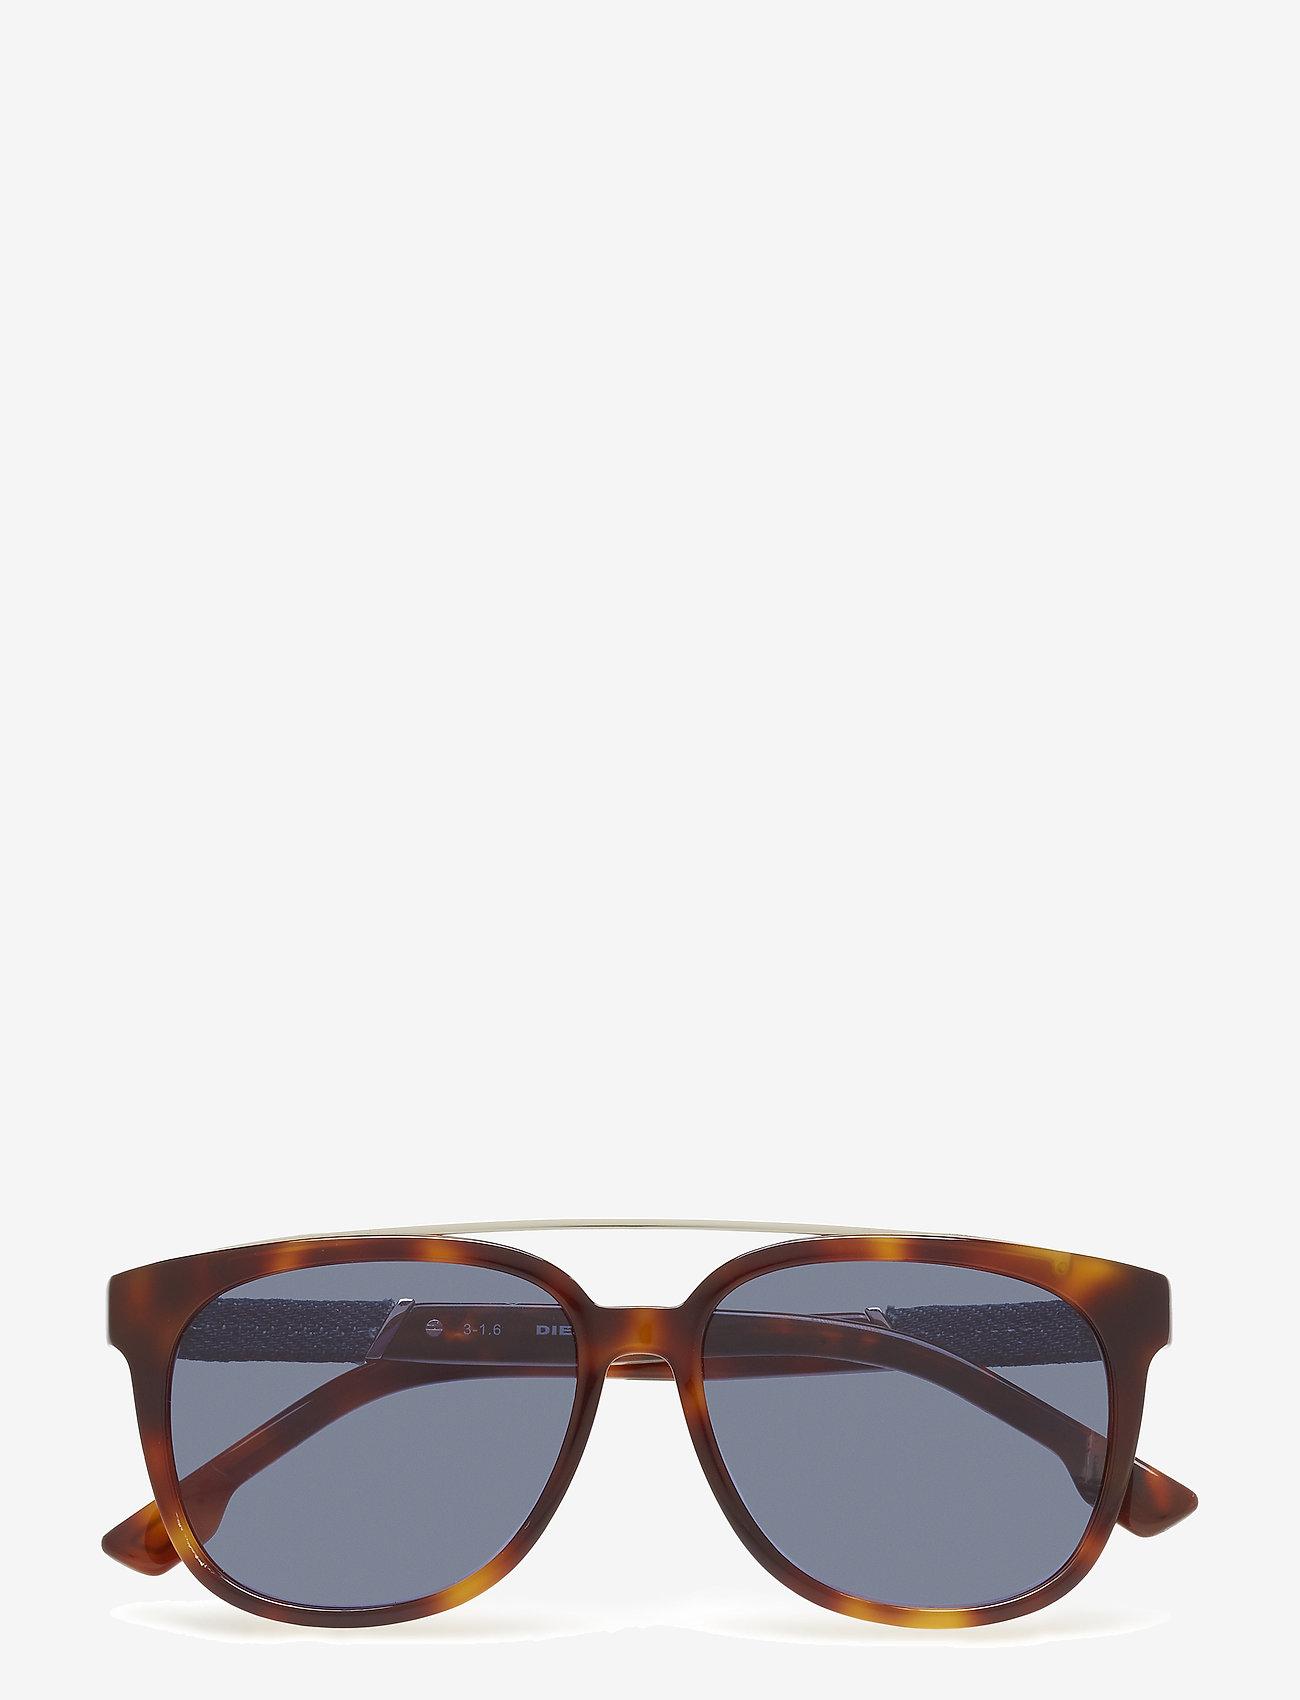 Diesel - DL0166 - okulary przeciwsłoneczne w kształcie litery d - 53v - blonde havana / blue - 0